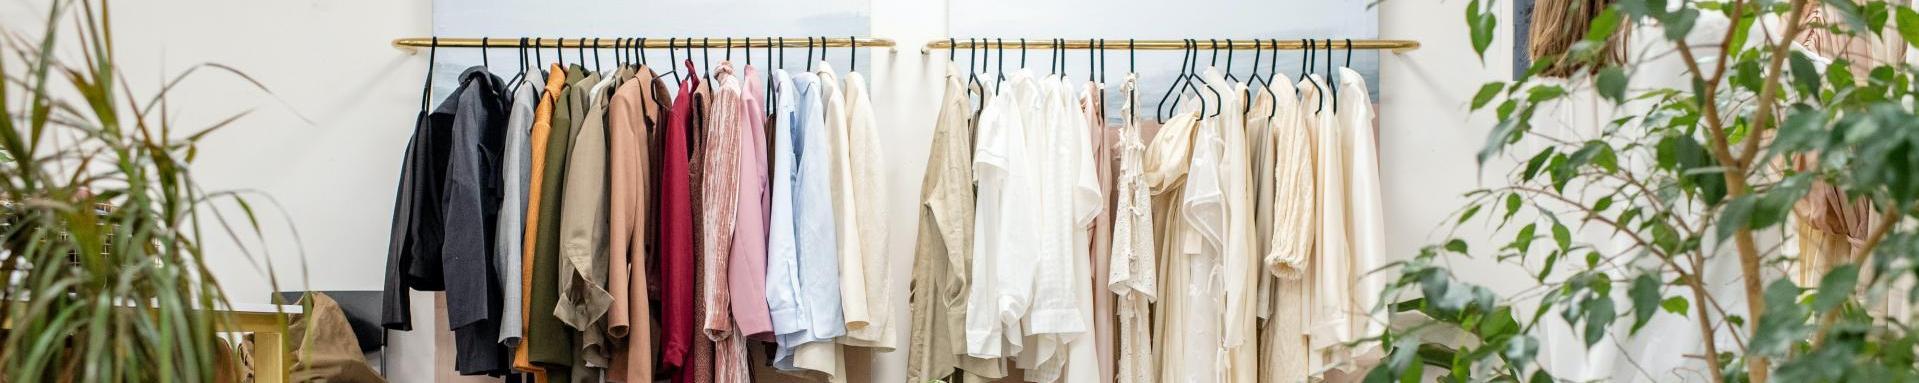 ¿Sabías que podriamos vestirnos durante más de 10 años con la ropa ya fabricada?